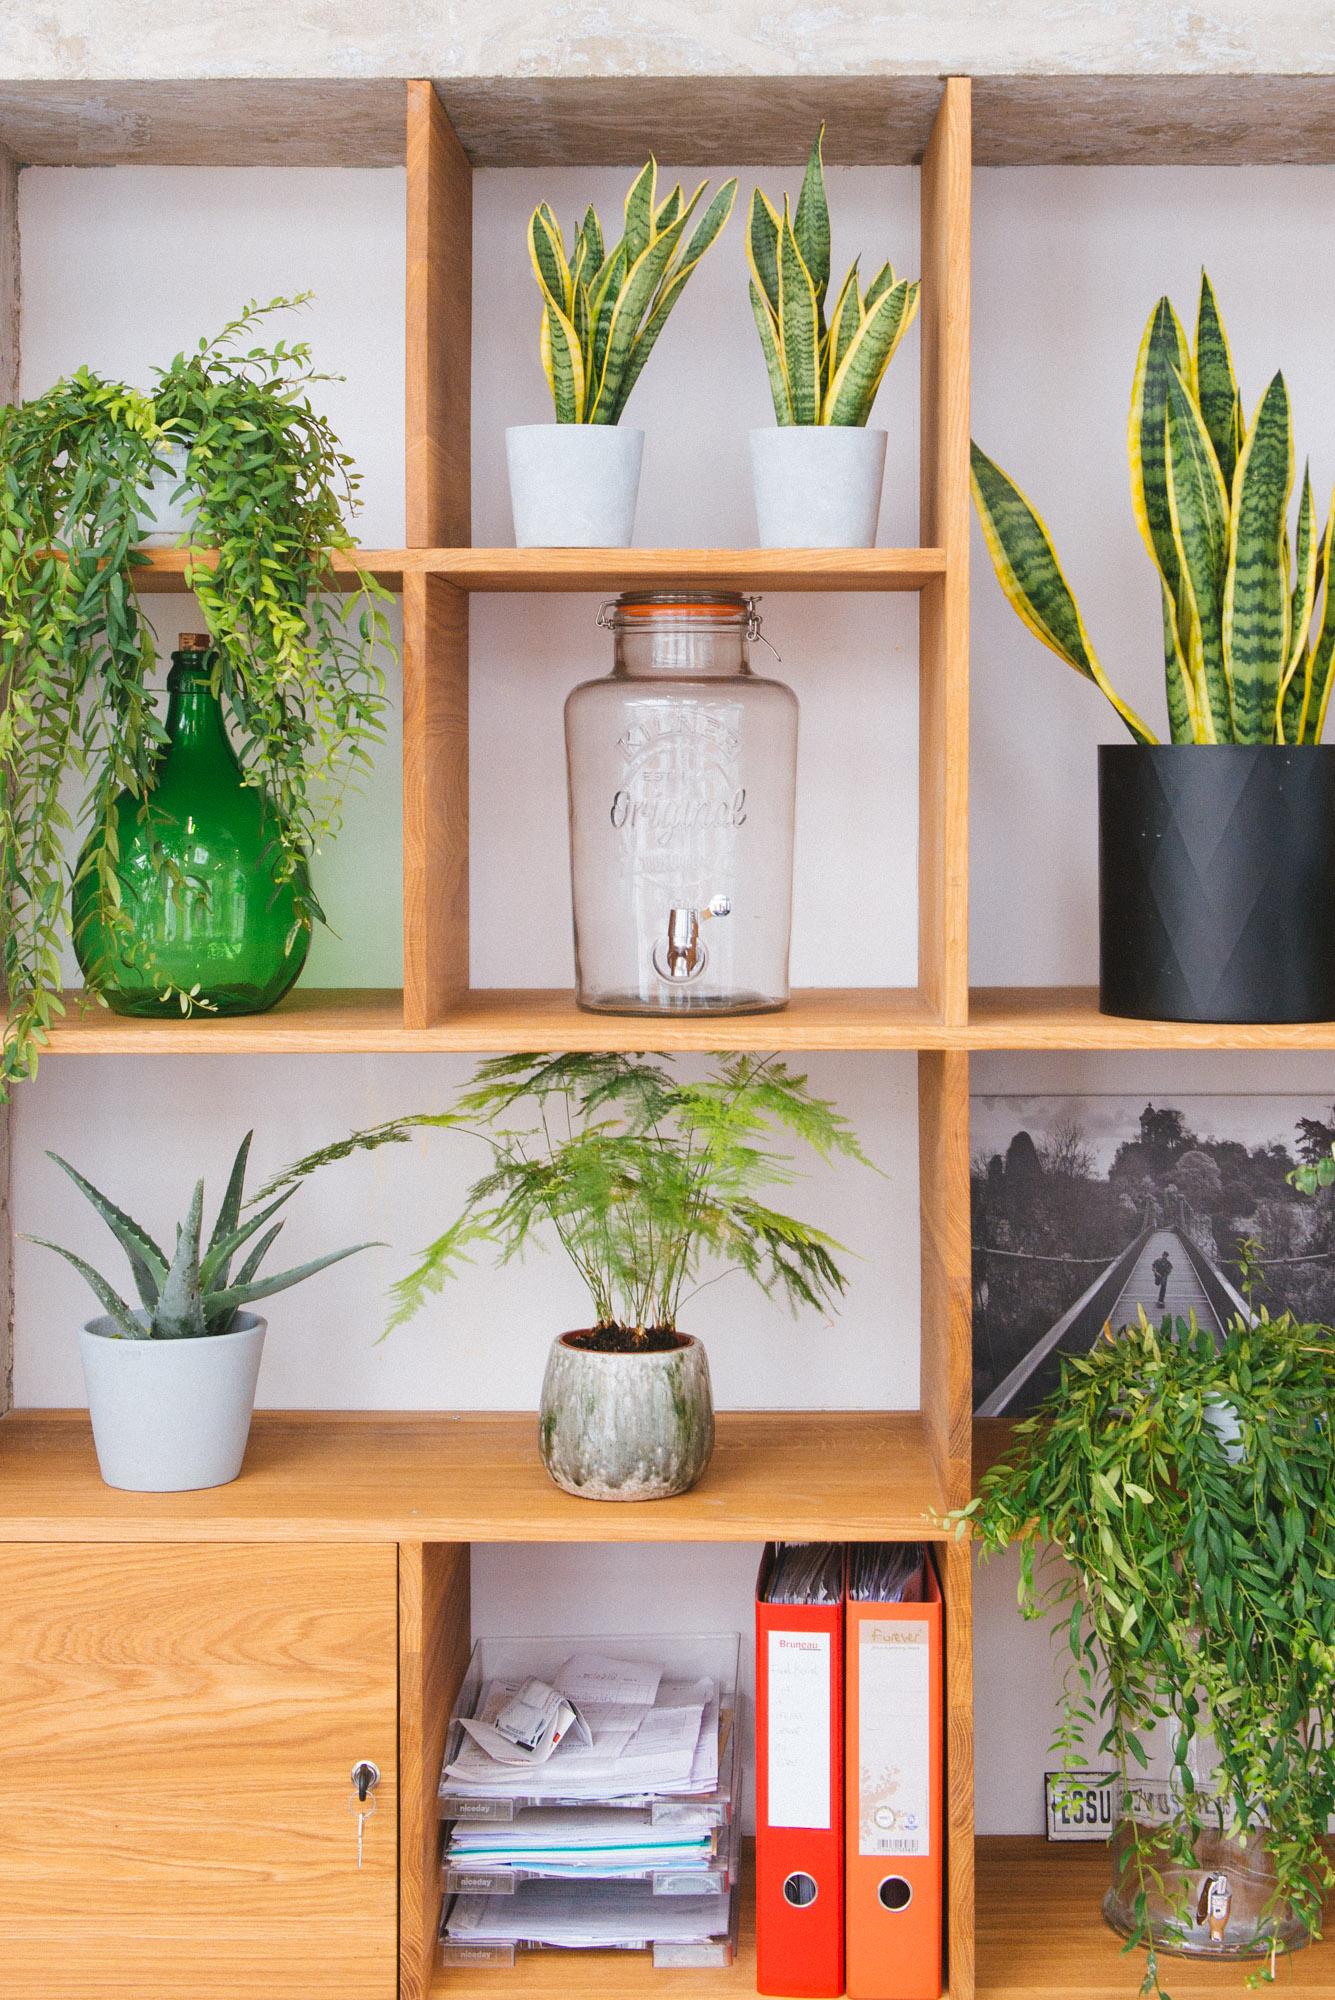 étagère dame jeanne aloe vera sansevieria végétalisation bureaux décoration végétale d'intérieur